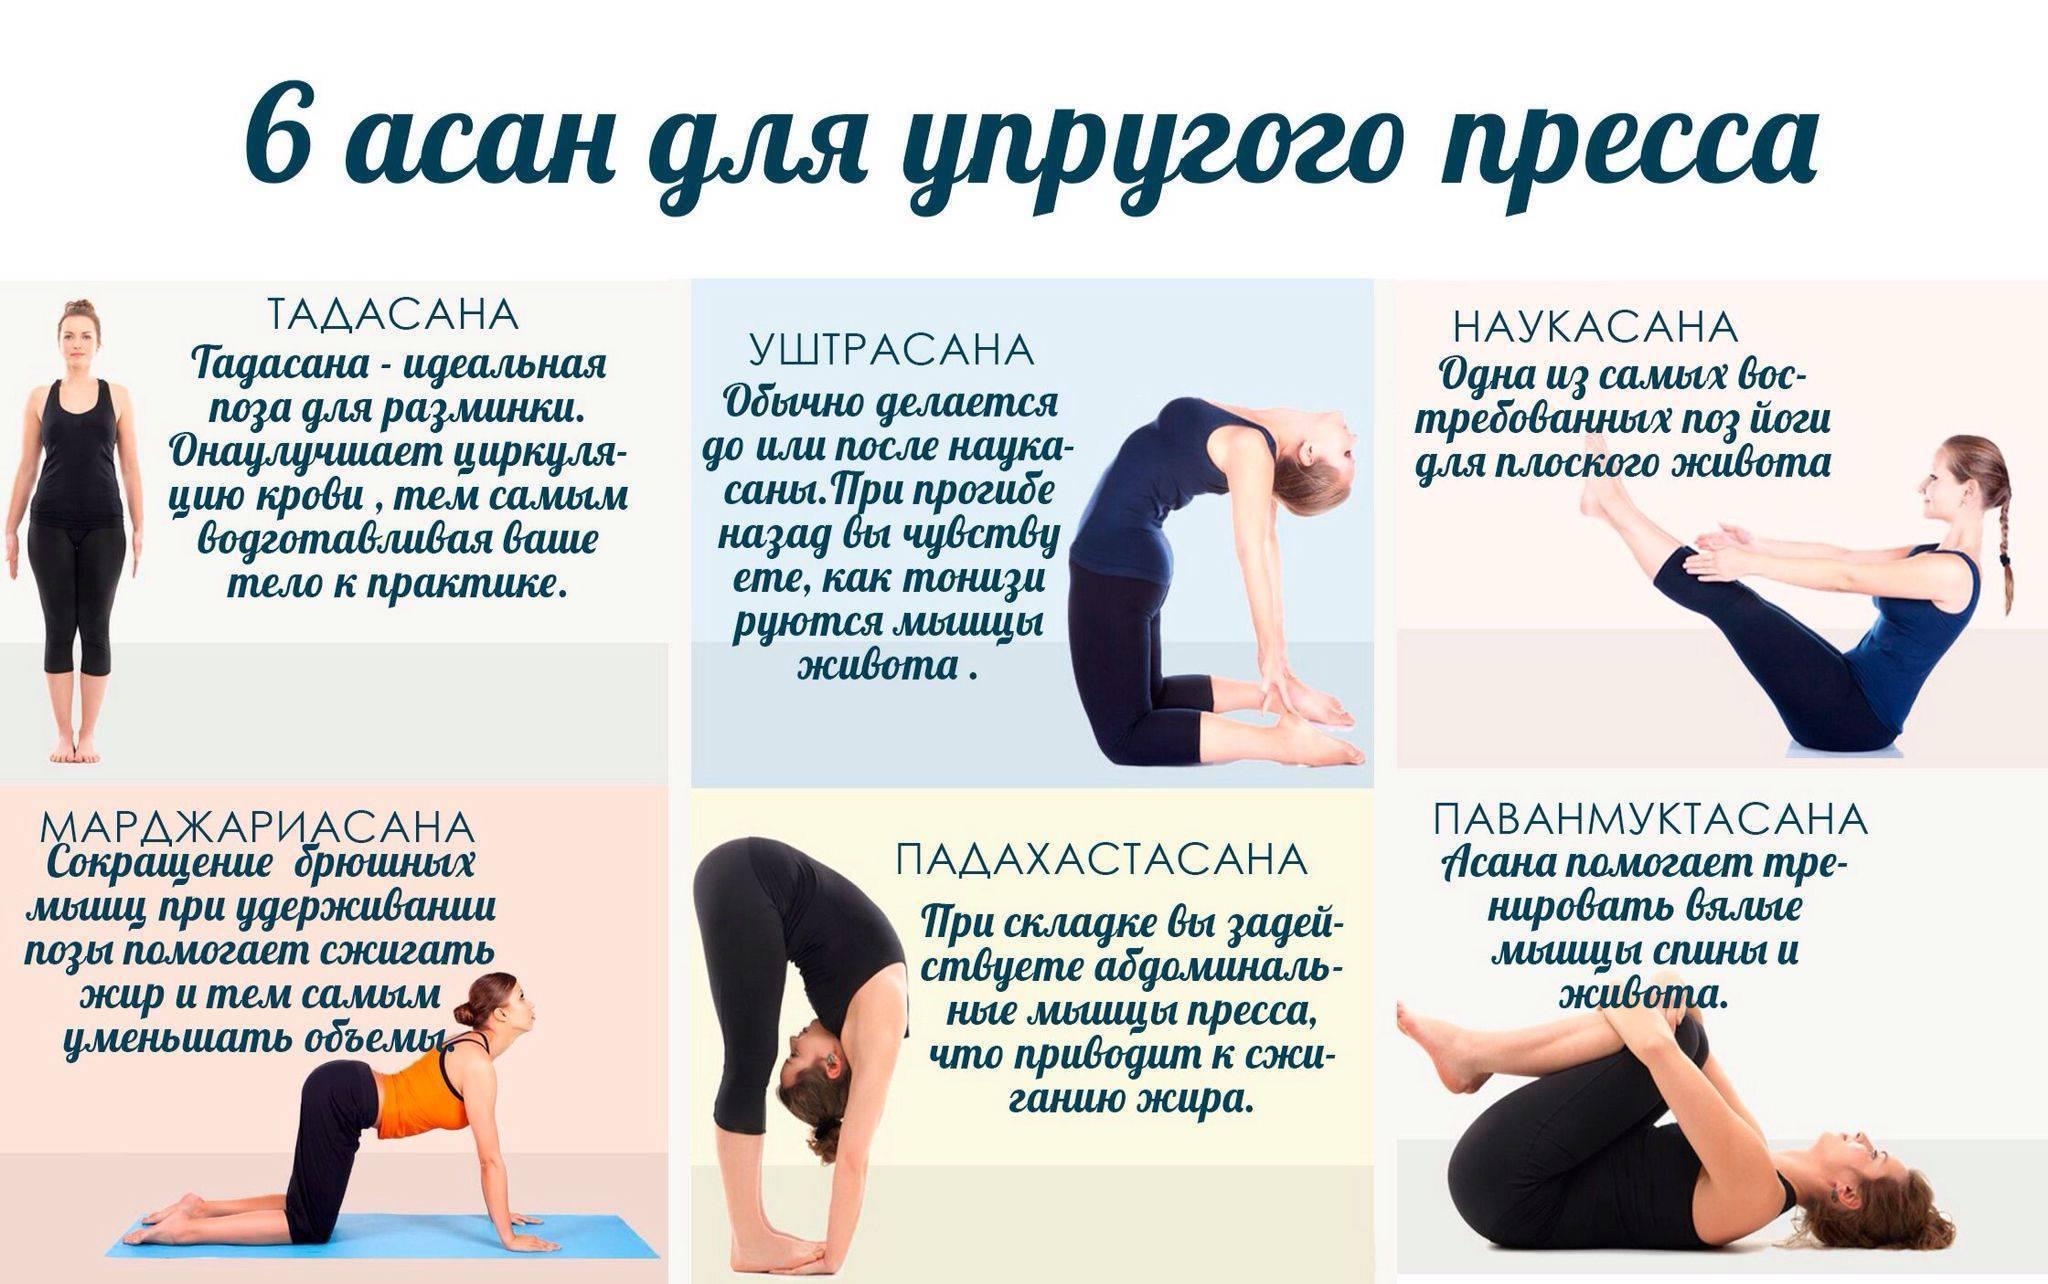 Йога для начинающих для похудения в домашних условиях – 5 эффективных комплексов упражнений